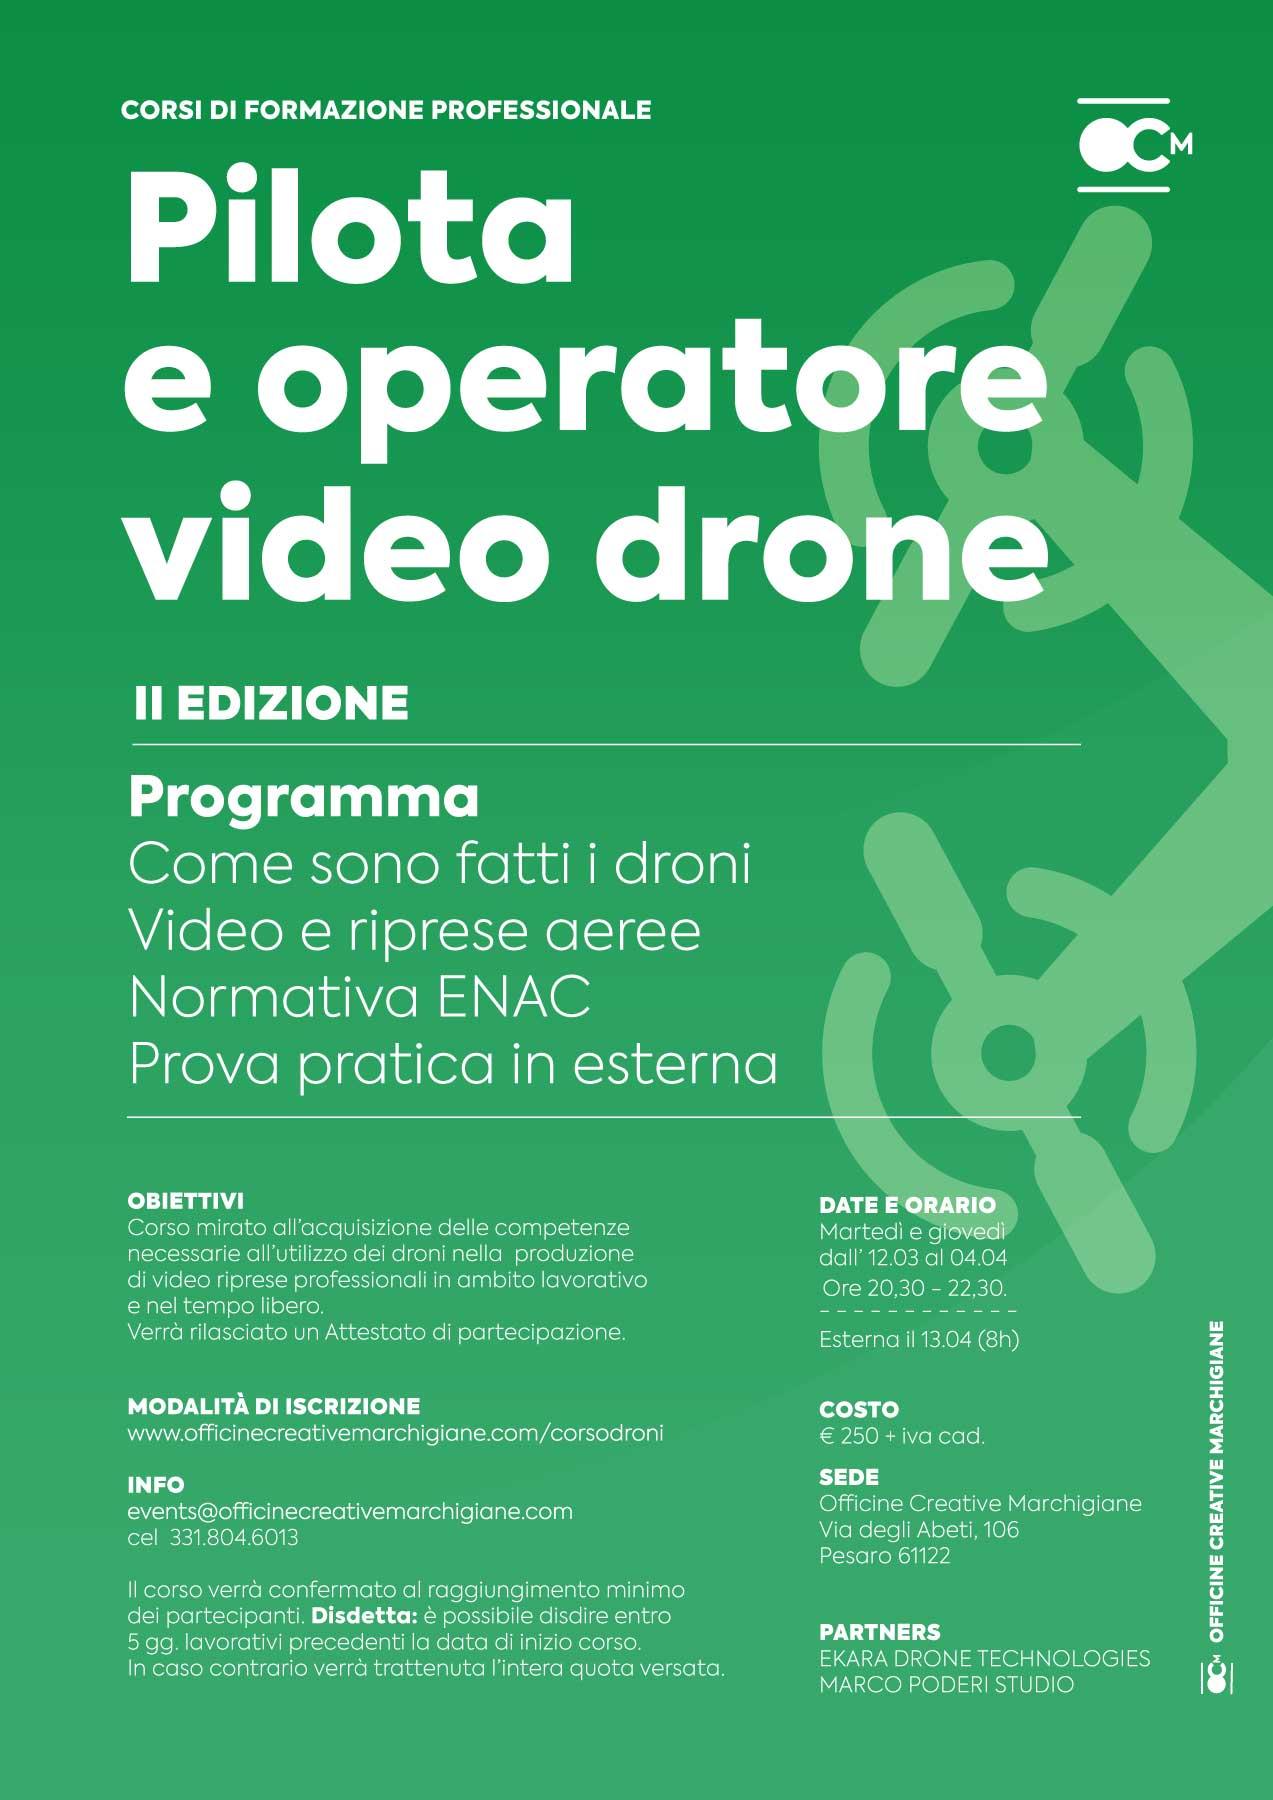 corso pilota operatore droni 2019